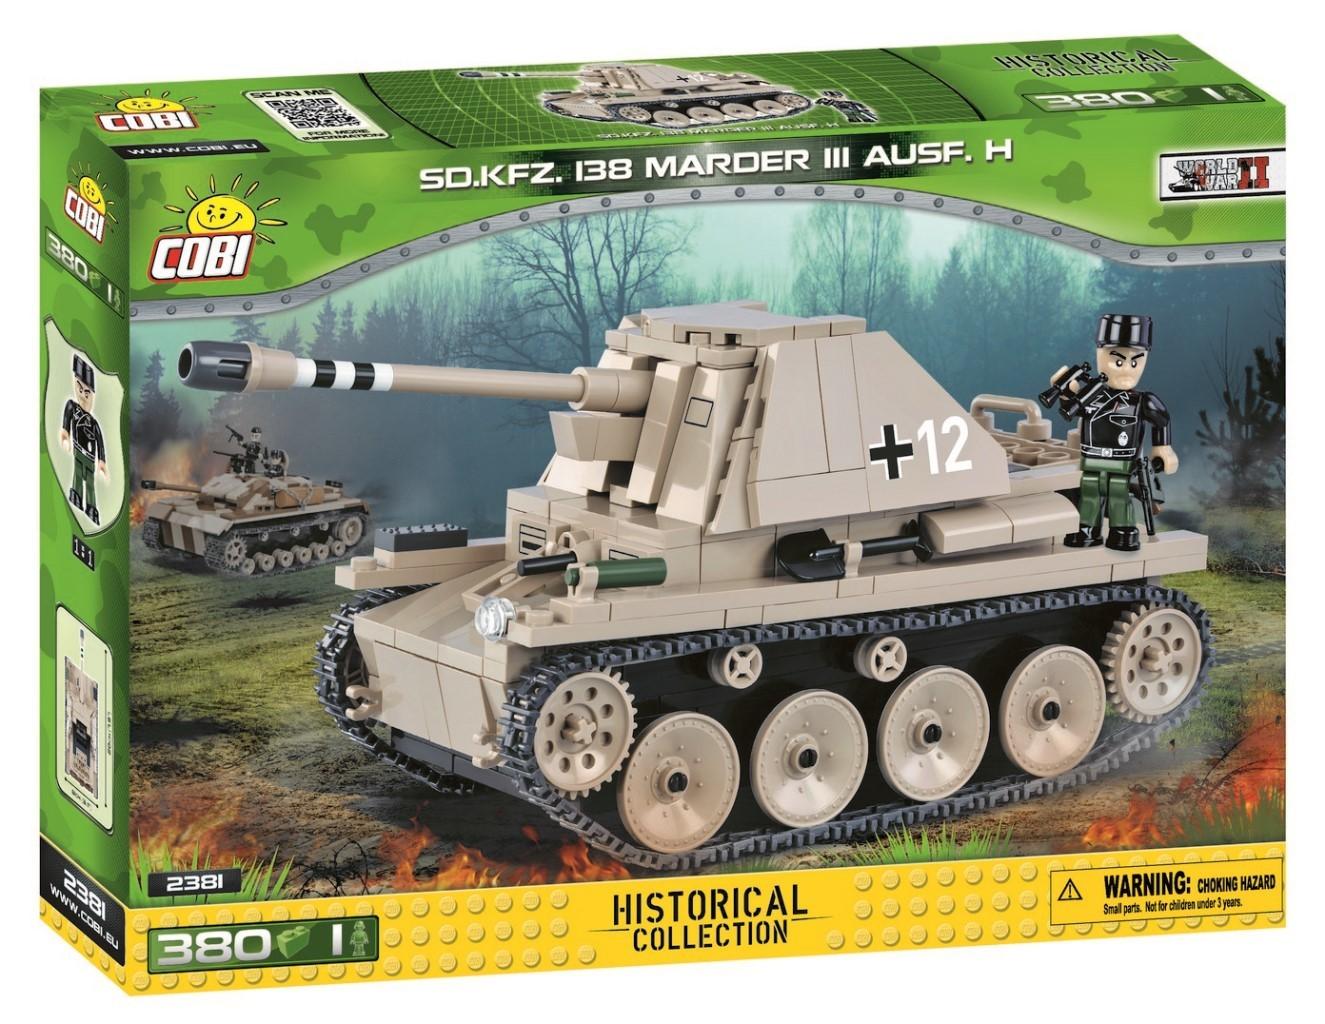 COBI #2381 マーダーIII 対戦車自走砲